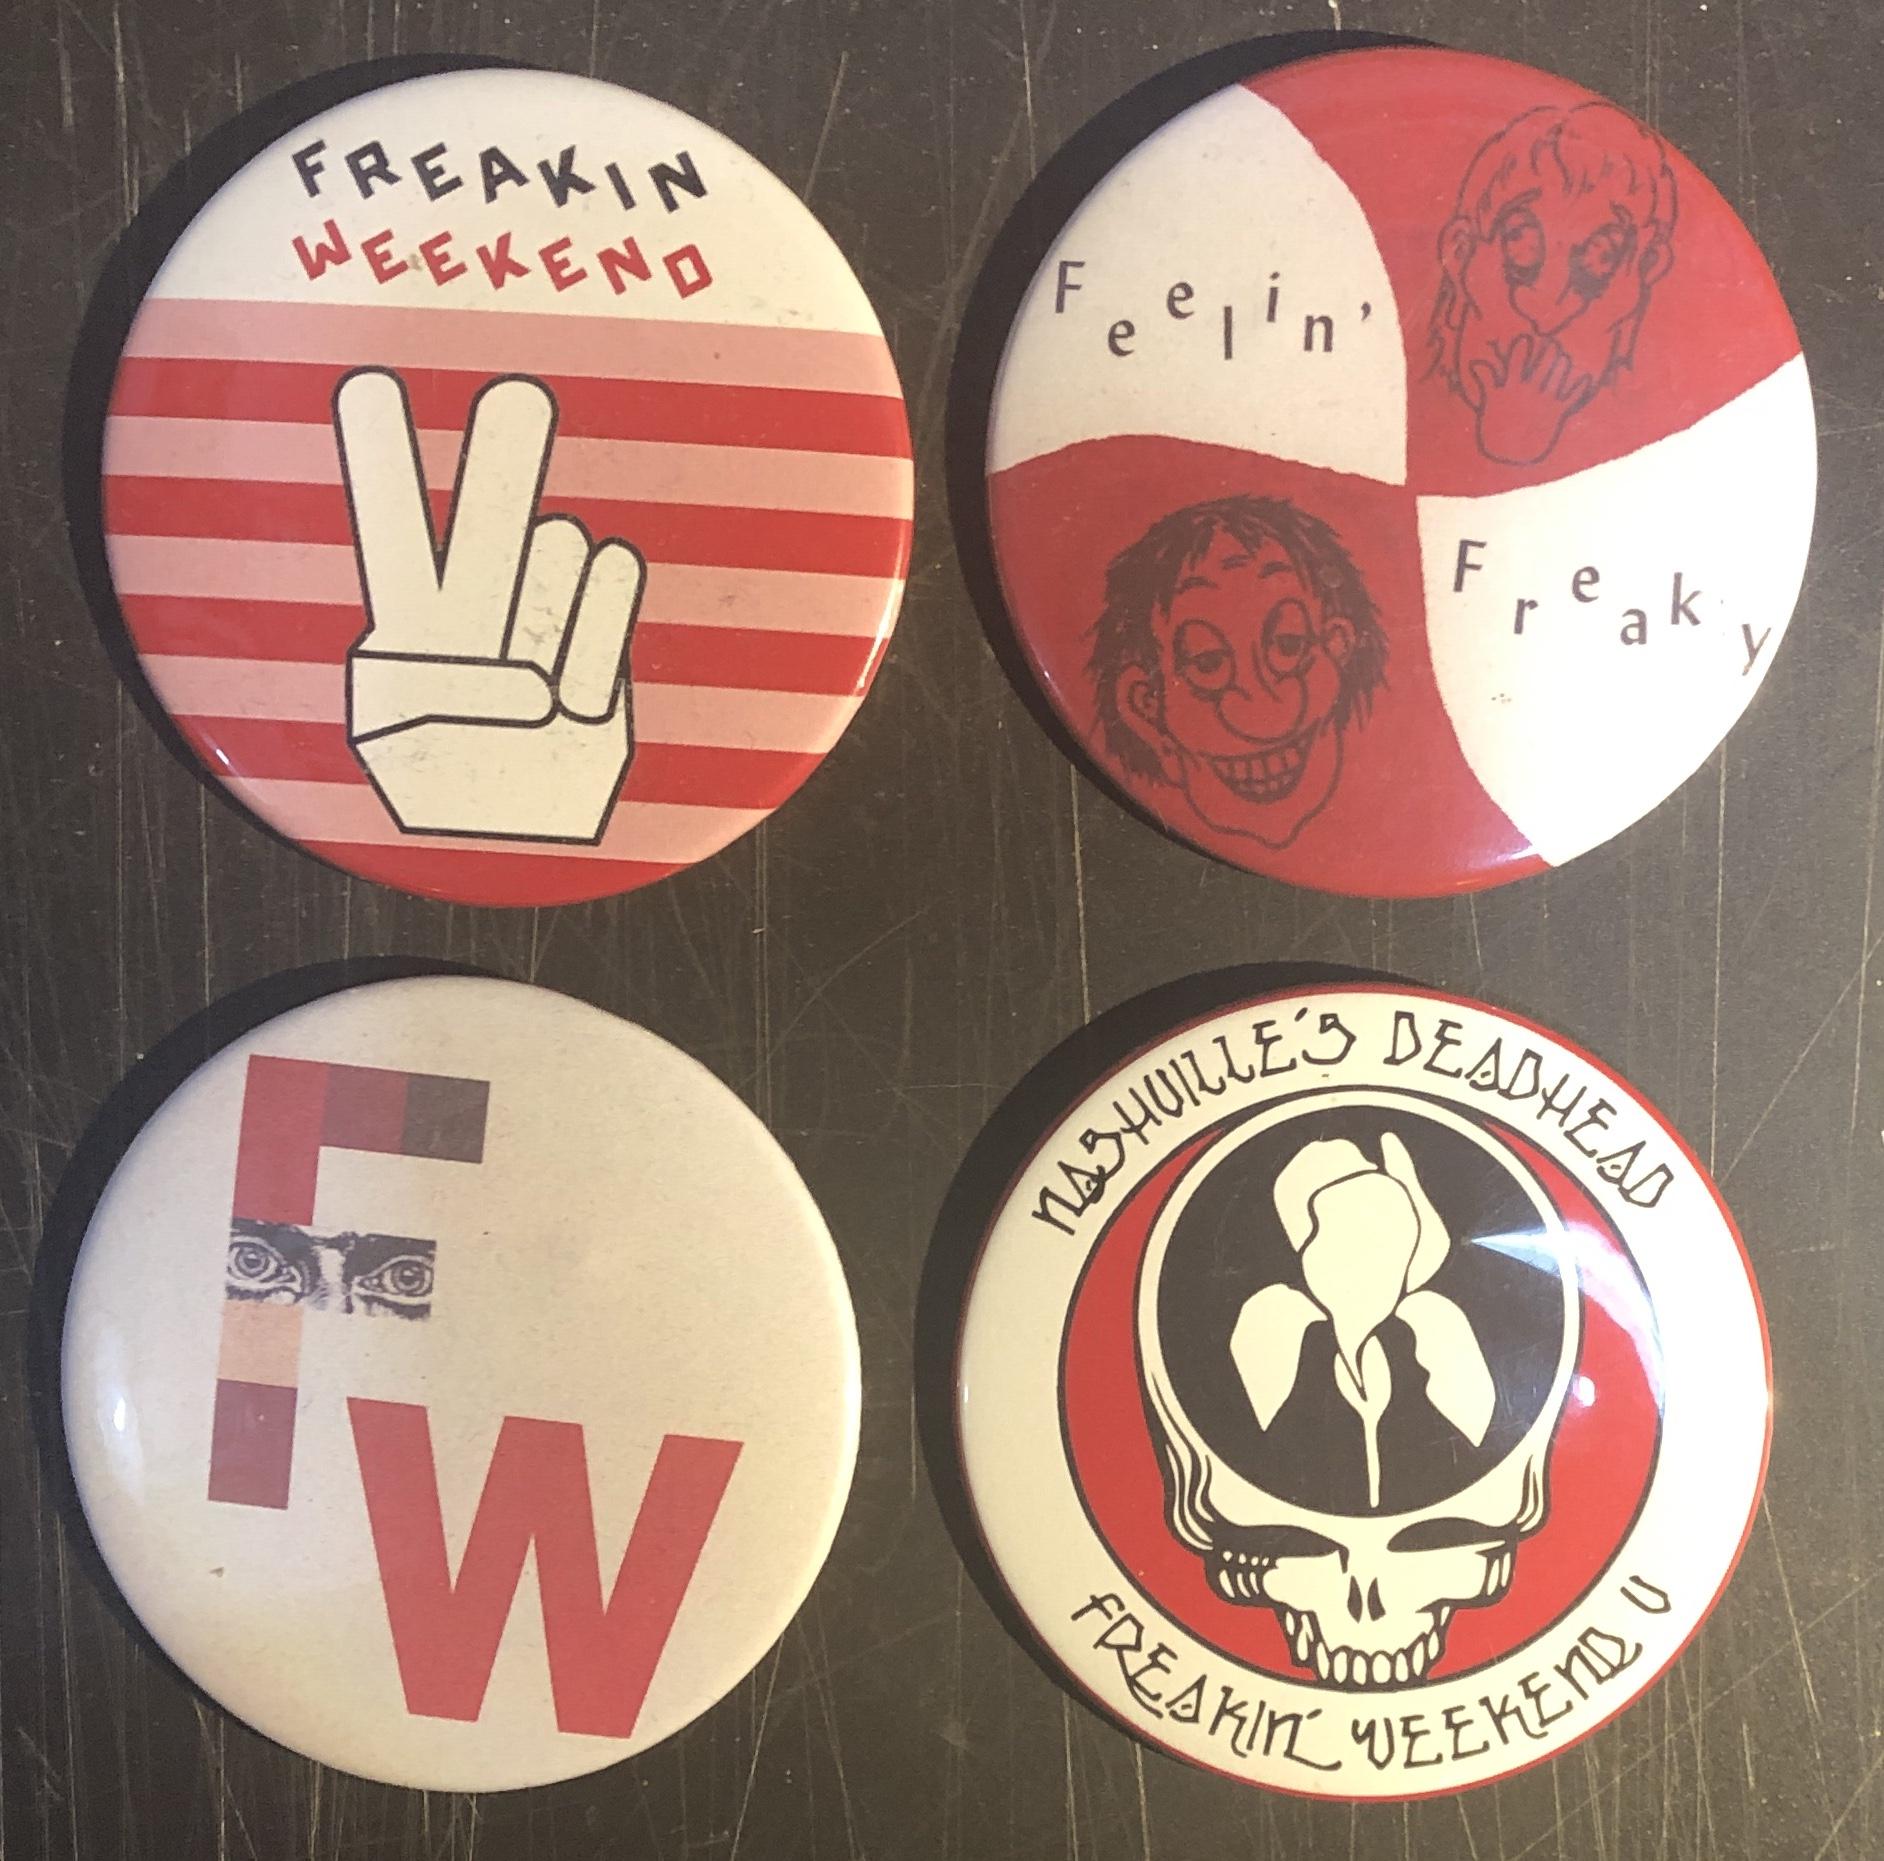 THE FREAKIN' WEEKEND Vintage Merchandise